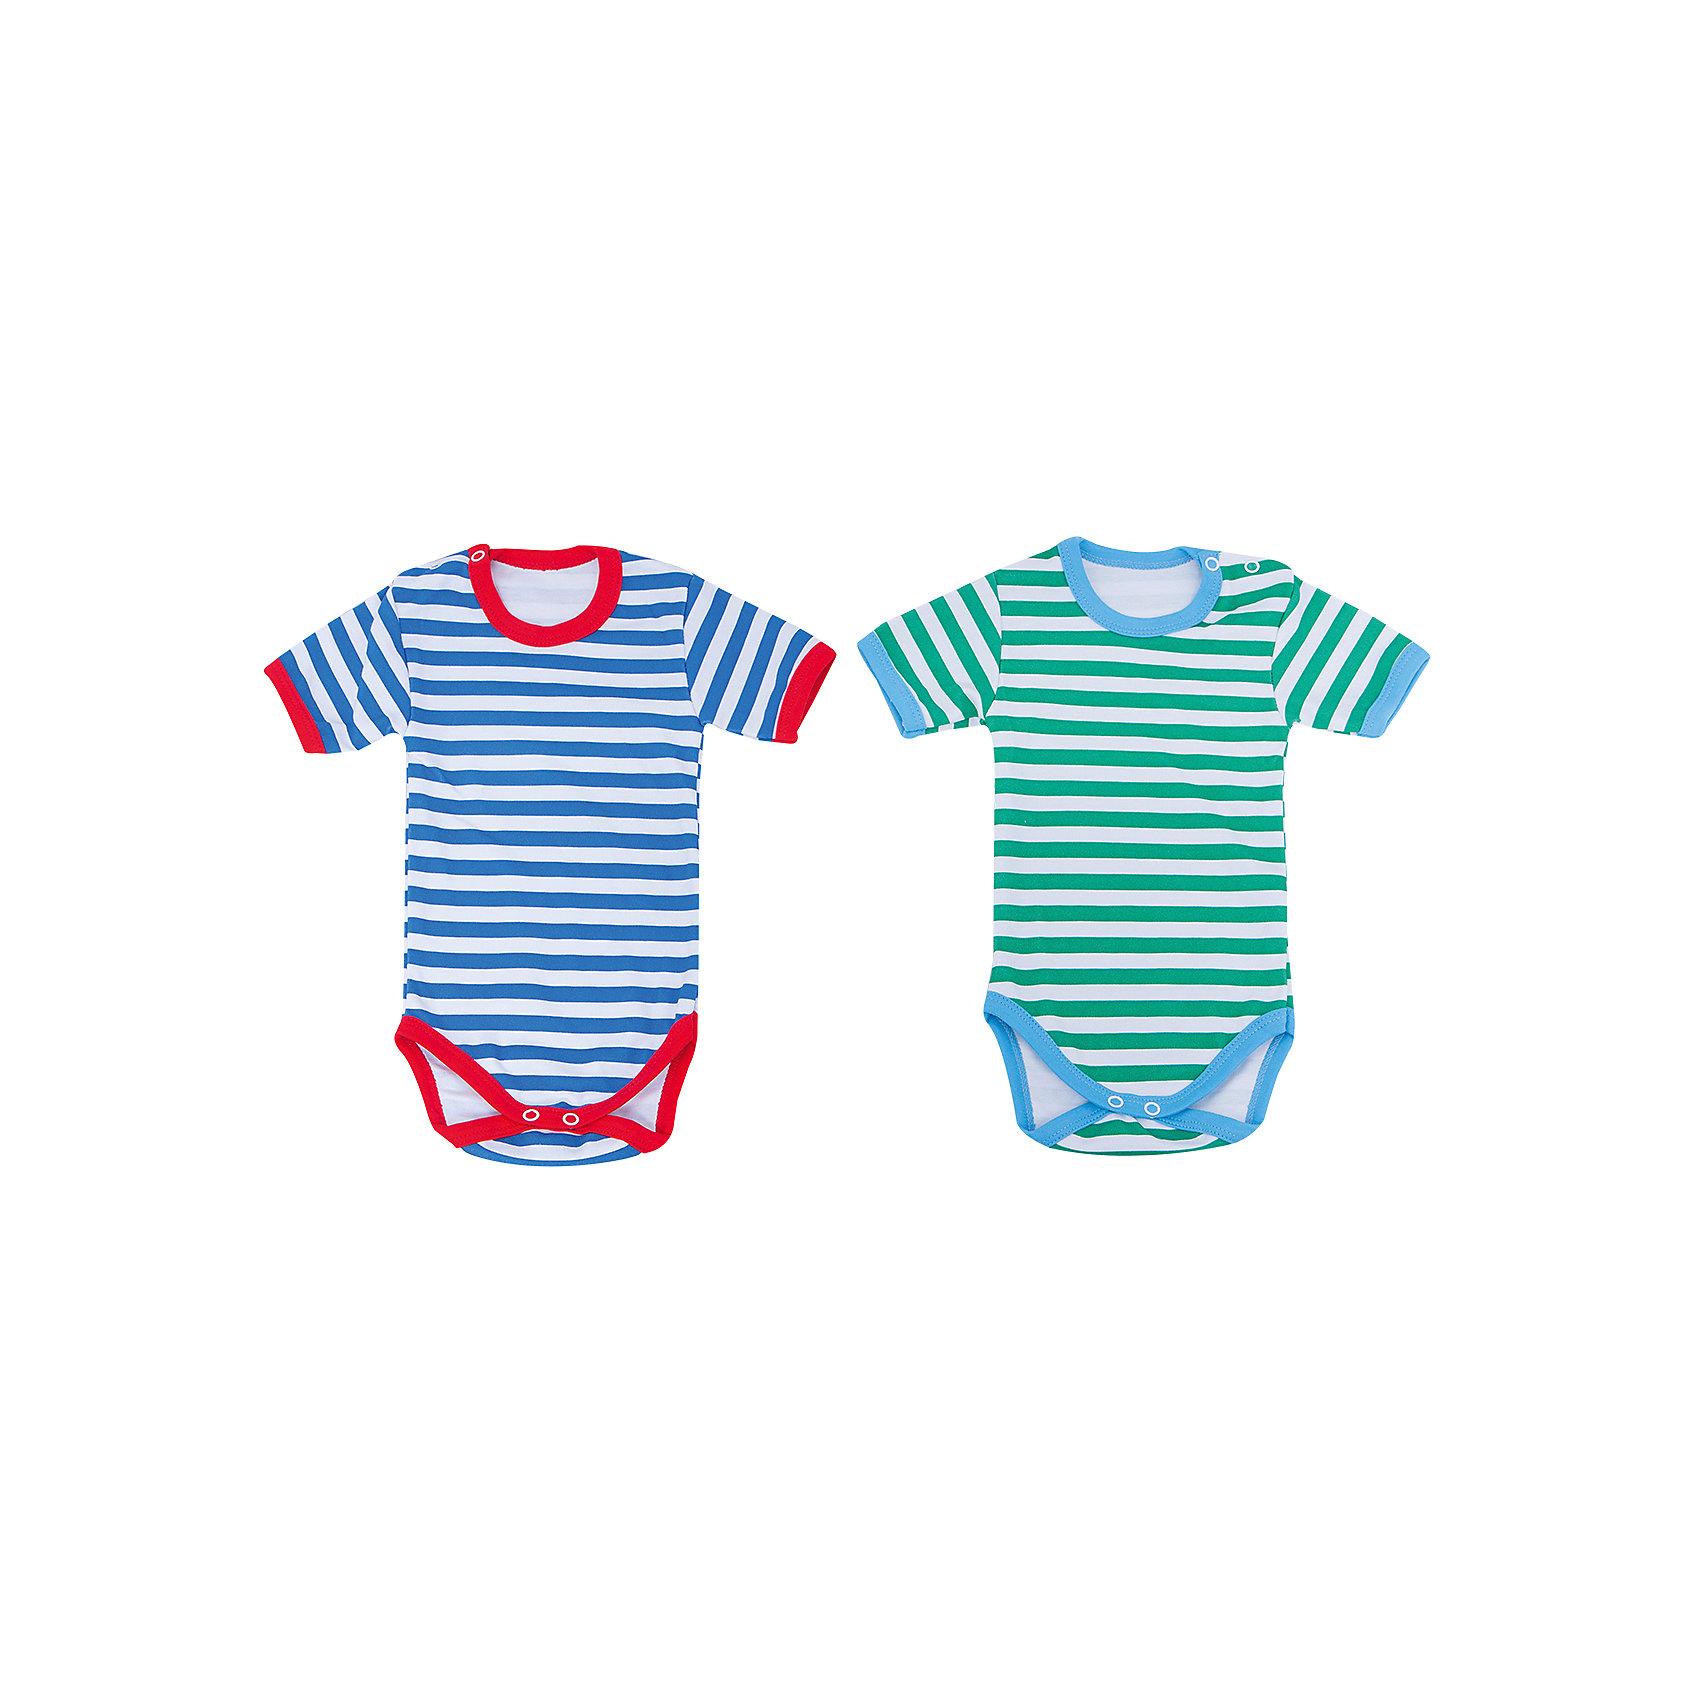 Боди для мальчика, 2 шт. Веселый малышВ заботе о ребенке важно всё! Одежда для малышей должна быть удобной и качественной - это один из необходимых факторов для правильного развития и хорошего самочувствия ребенка.<br>Эти боди отличаются высоким качеством швов, окантовкой краёв изделия, что позволяет им хорошо фиксироваться на теле малыша, не сползать и не натирать. Застежки - удобные кнопки, которые не мешают ребенку. Материал - интерлок. Это плотная ткань из натурального хлопка, гладкая, приятная на ощупь, дышащая и гипоаллергенная. Расцветка изделий позволяет легко комбинировать их с различной одеждой. В наборе - два боди разных цветов.<br><br>Дополнительная информация:<br><br>материал: 100% хлопок интерлок;<br>застежки: кнопки;<br>короткий рукав;<br>комплектация: 2 боди.<br><br>Комплект боди от бренда Веселый малыш можно купить в нашем магазине.<br><br>Ширина мм: 157<br>Глубина мм: 13<br>Высота мм: 119<br>Вес г: 200<br>Цвет: зеленый<br>Возраст от месяцев: 3<br>Возраст до месяцев: 6<br>Пол: Мужской<br>Возраст: Детский<br>Размер: 68,62,80,74<br>SKU: 4810205